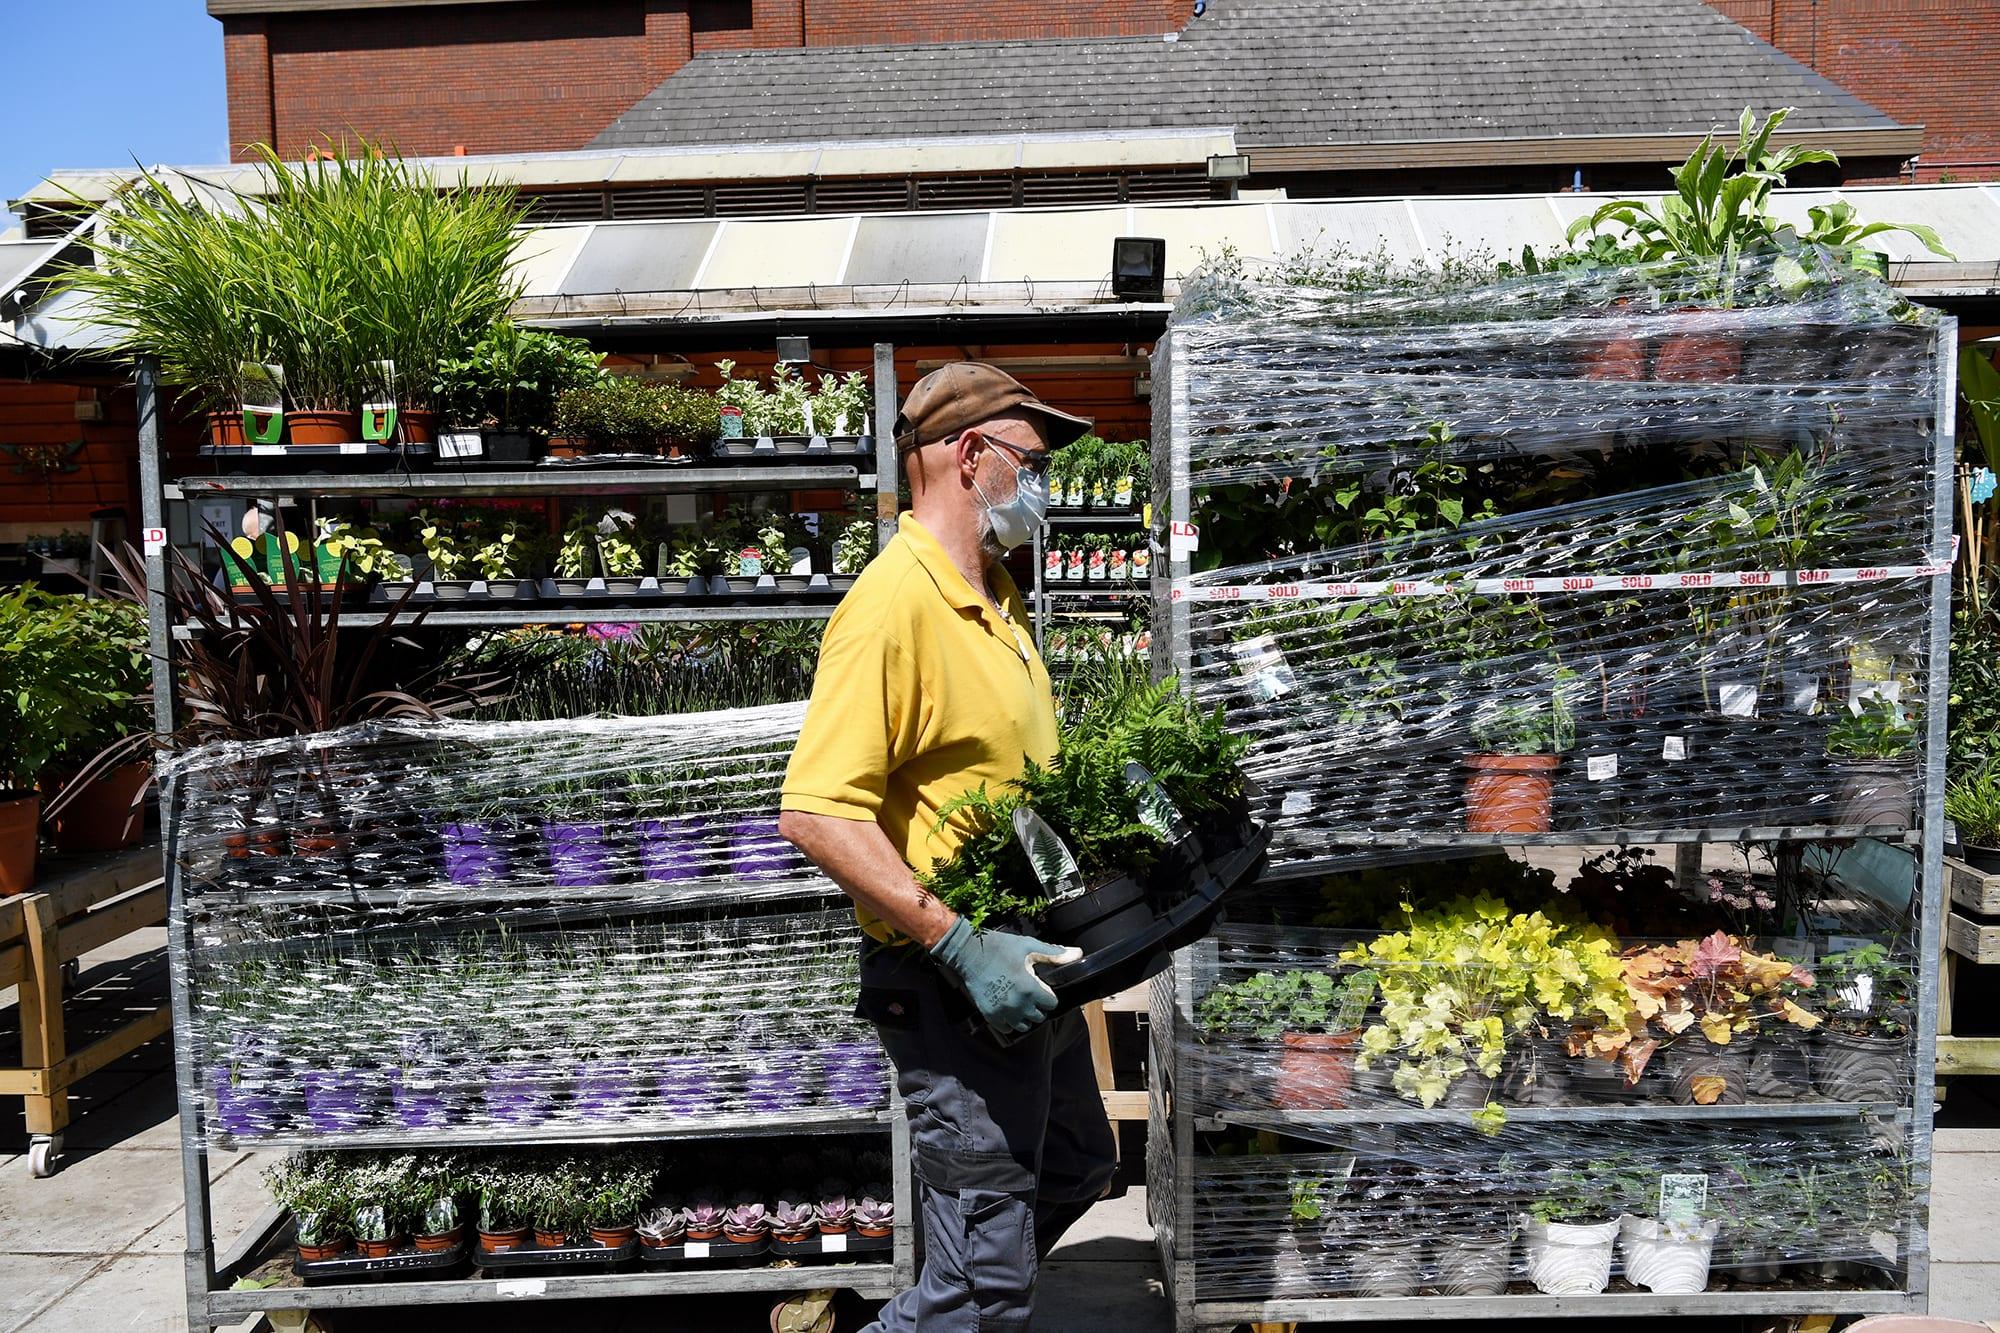 Työntekijä kantaa kasveja puutarha-alan kaupassa.